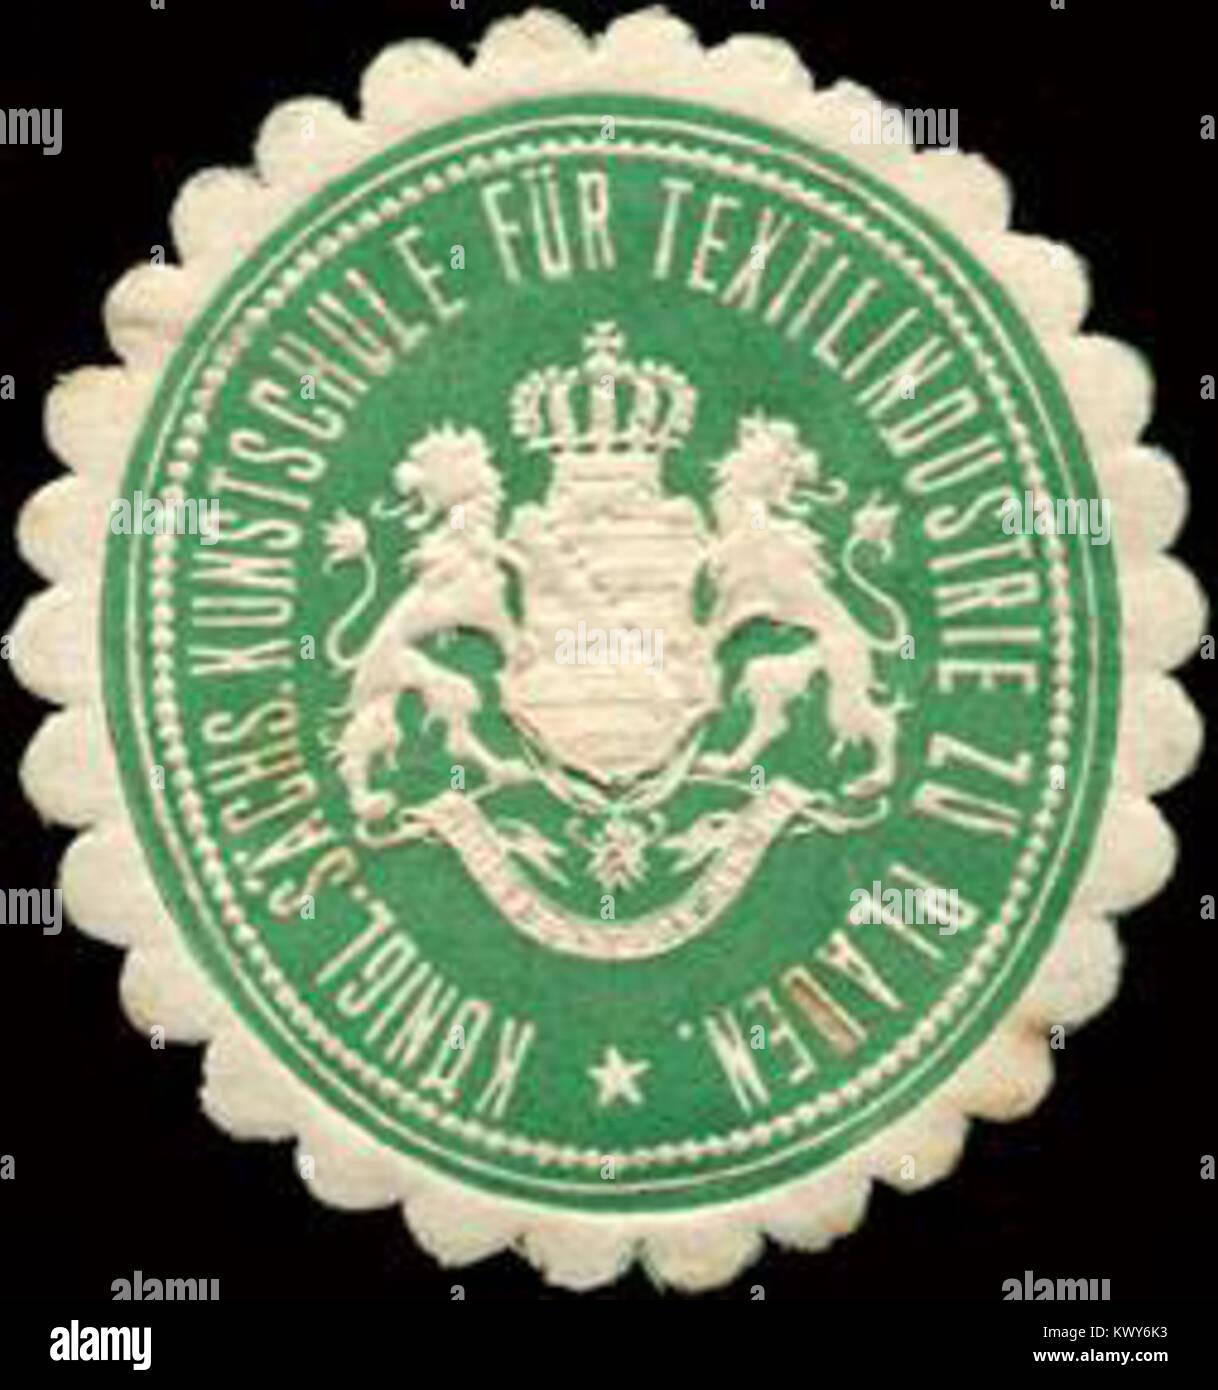 Siegelmarke Königlich Sächsische Kunstschule für Textilindustrie zu Plauen W0213497 - Stock Image